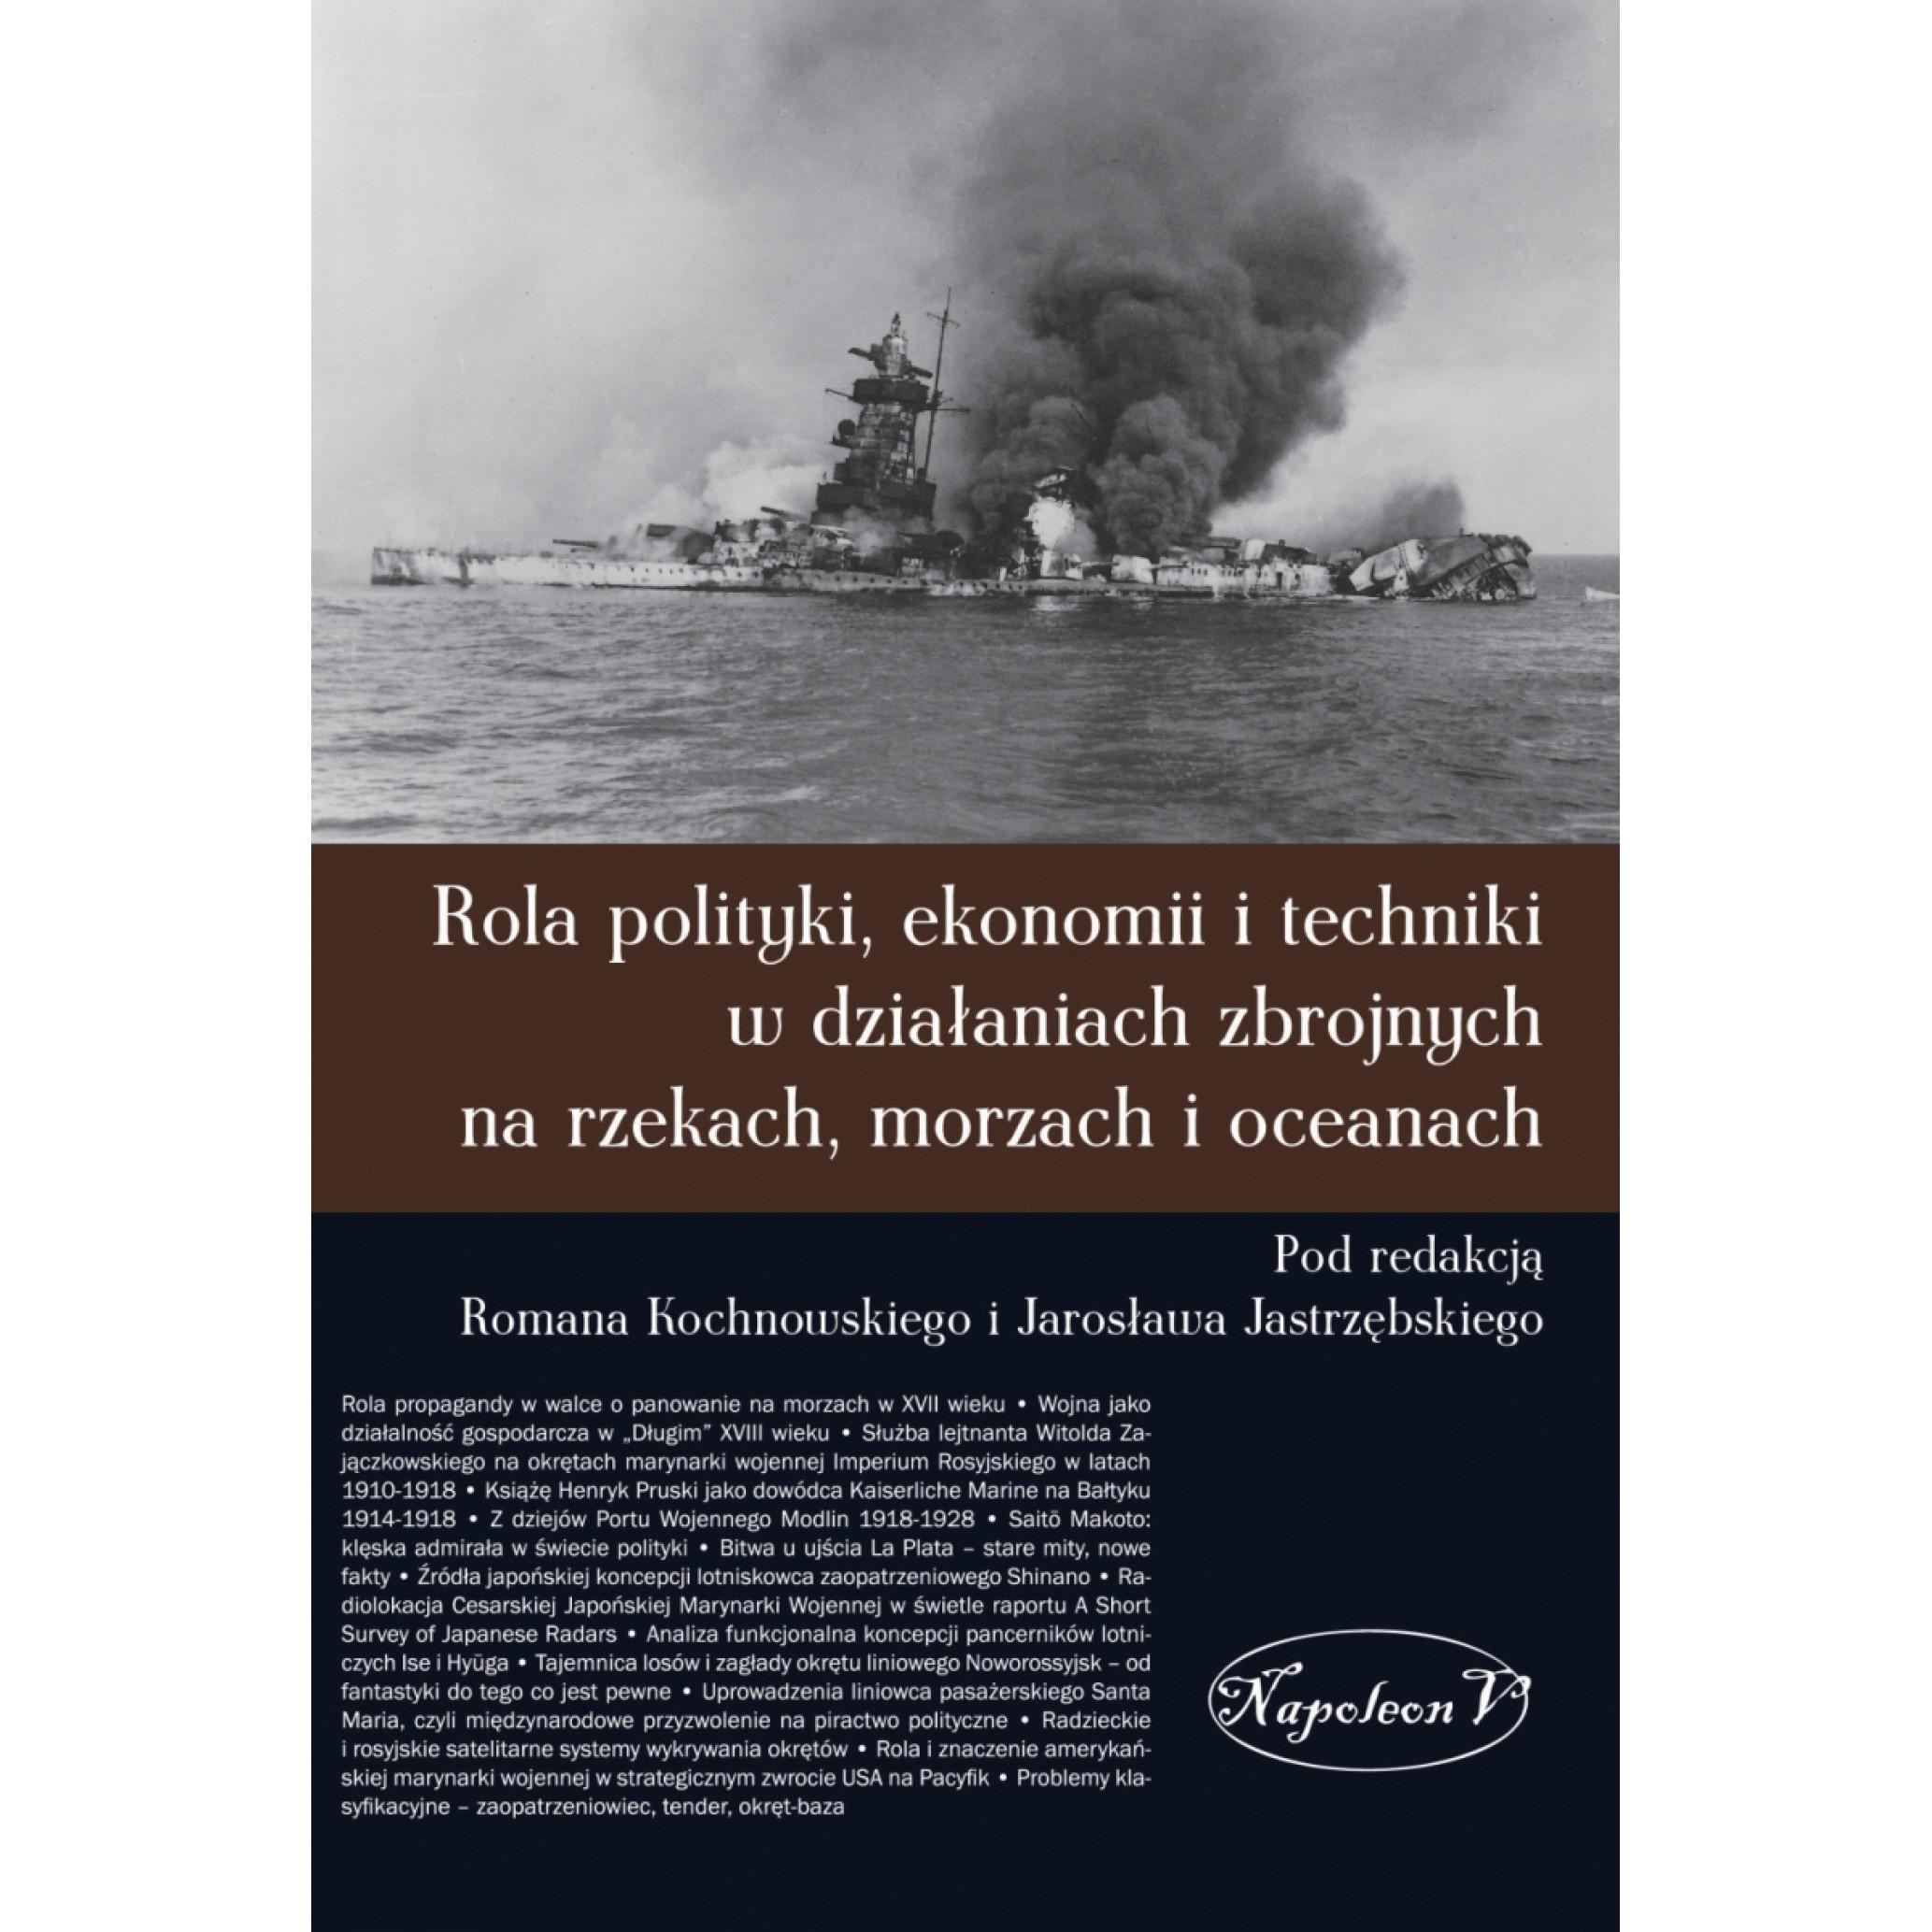 Rola polityki, ekonomii i techniki w działaniach zbrojnych na rzekach, morzach i oceanach